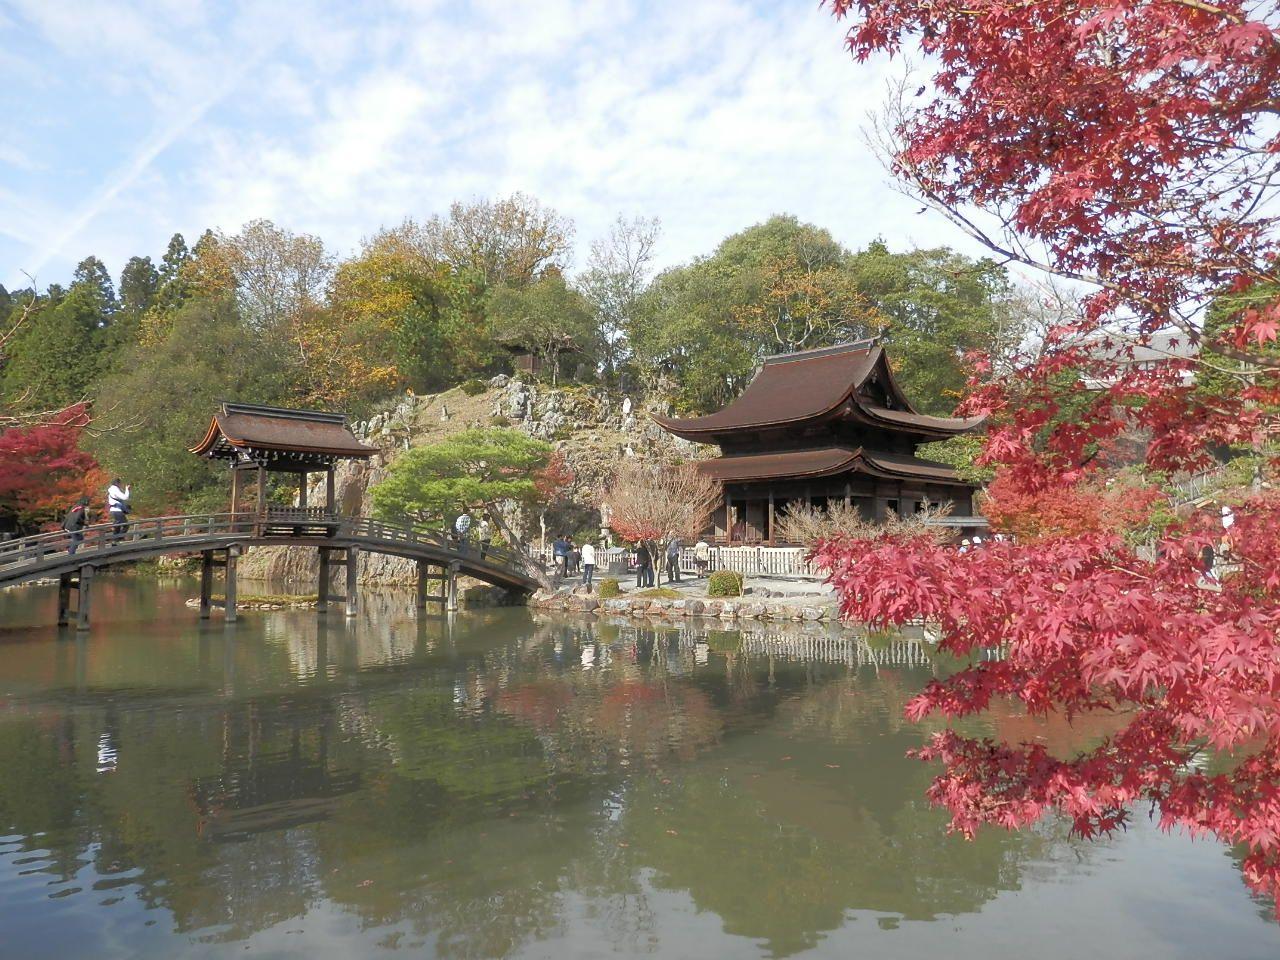 永保寺の池泉回遊式庭園は、日本庭園の祖「夢窓国師」によるもの